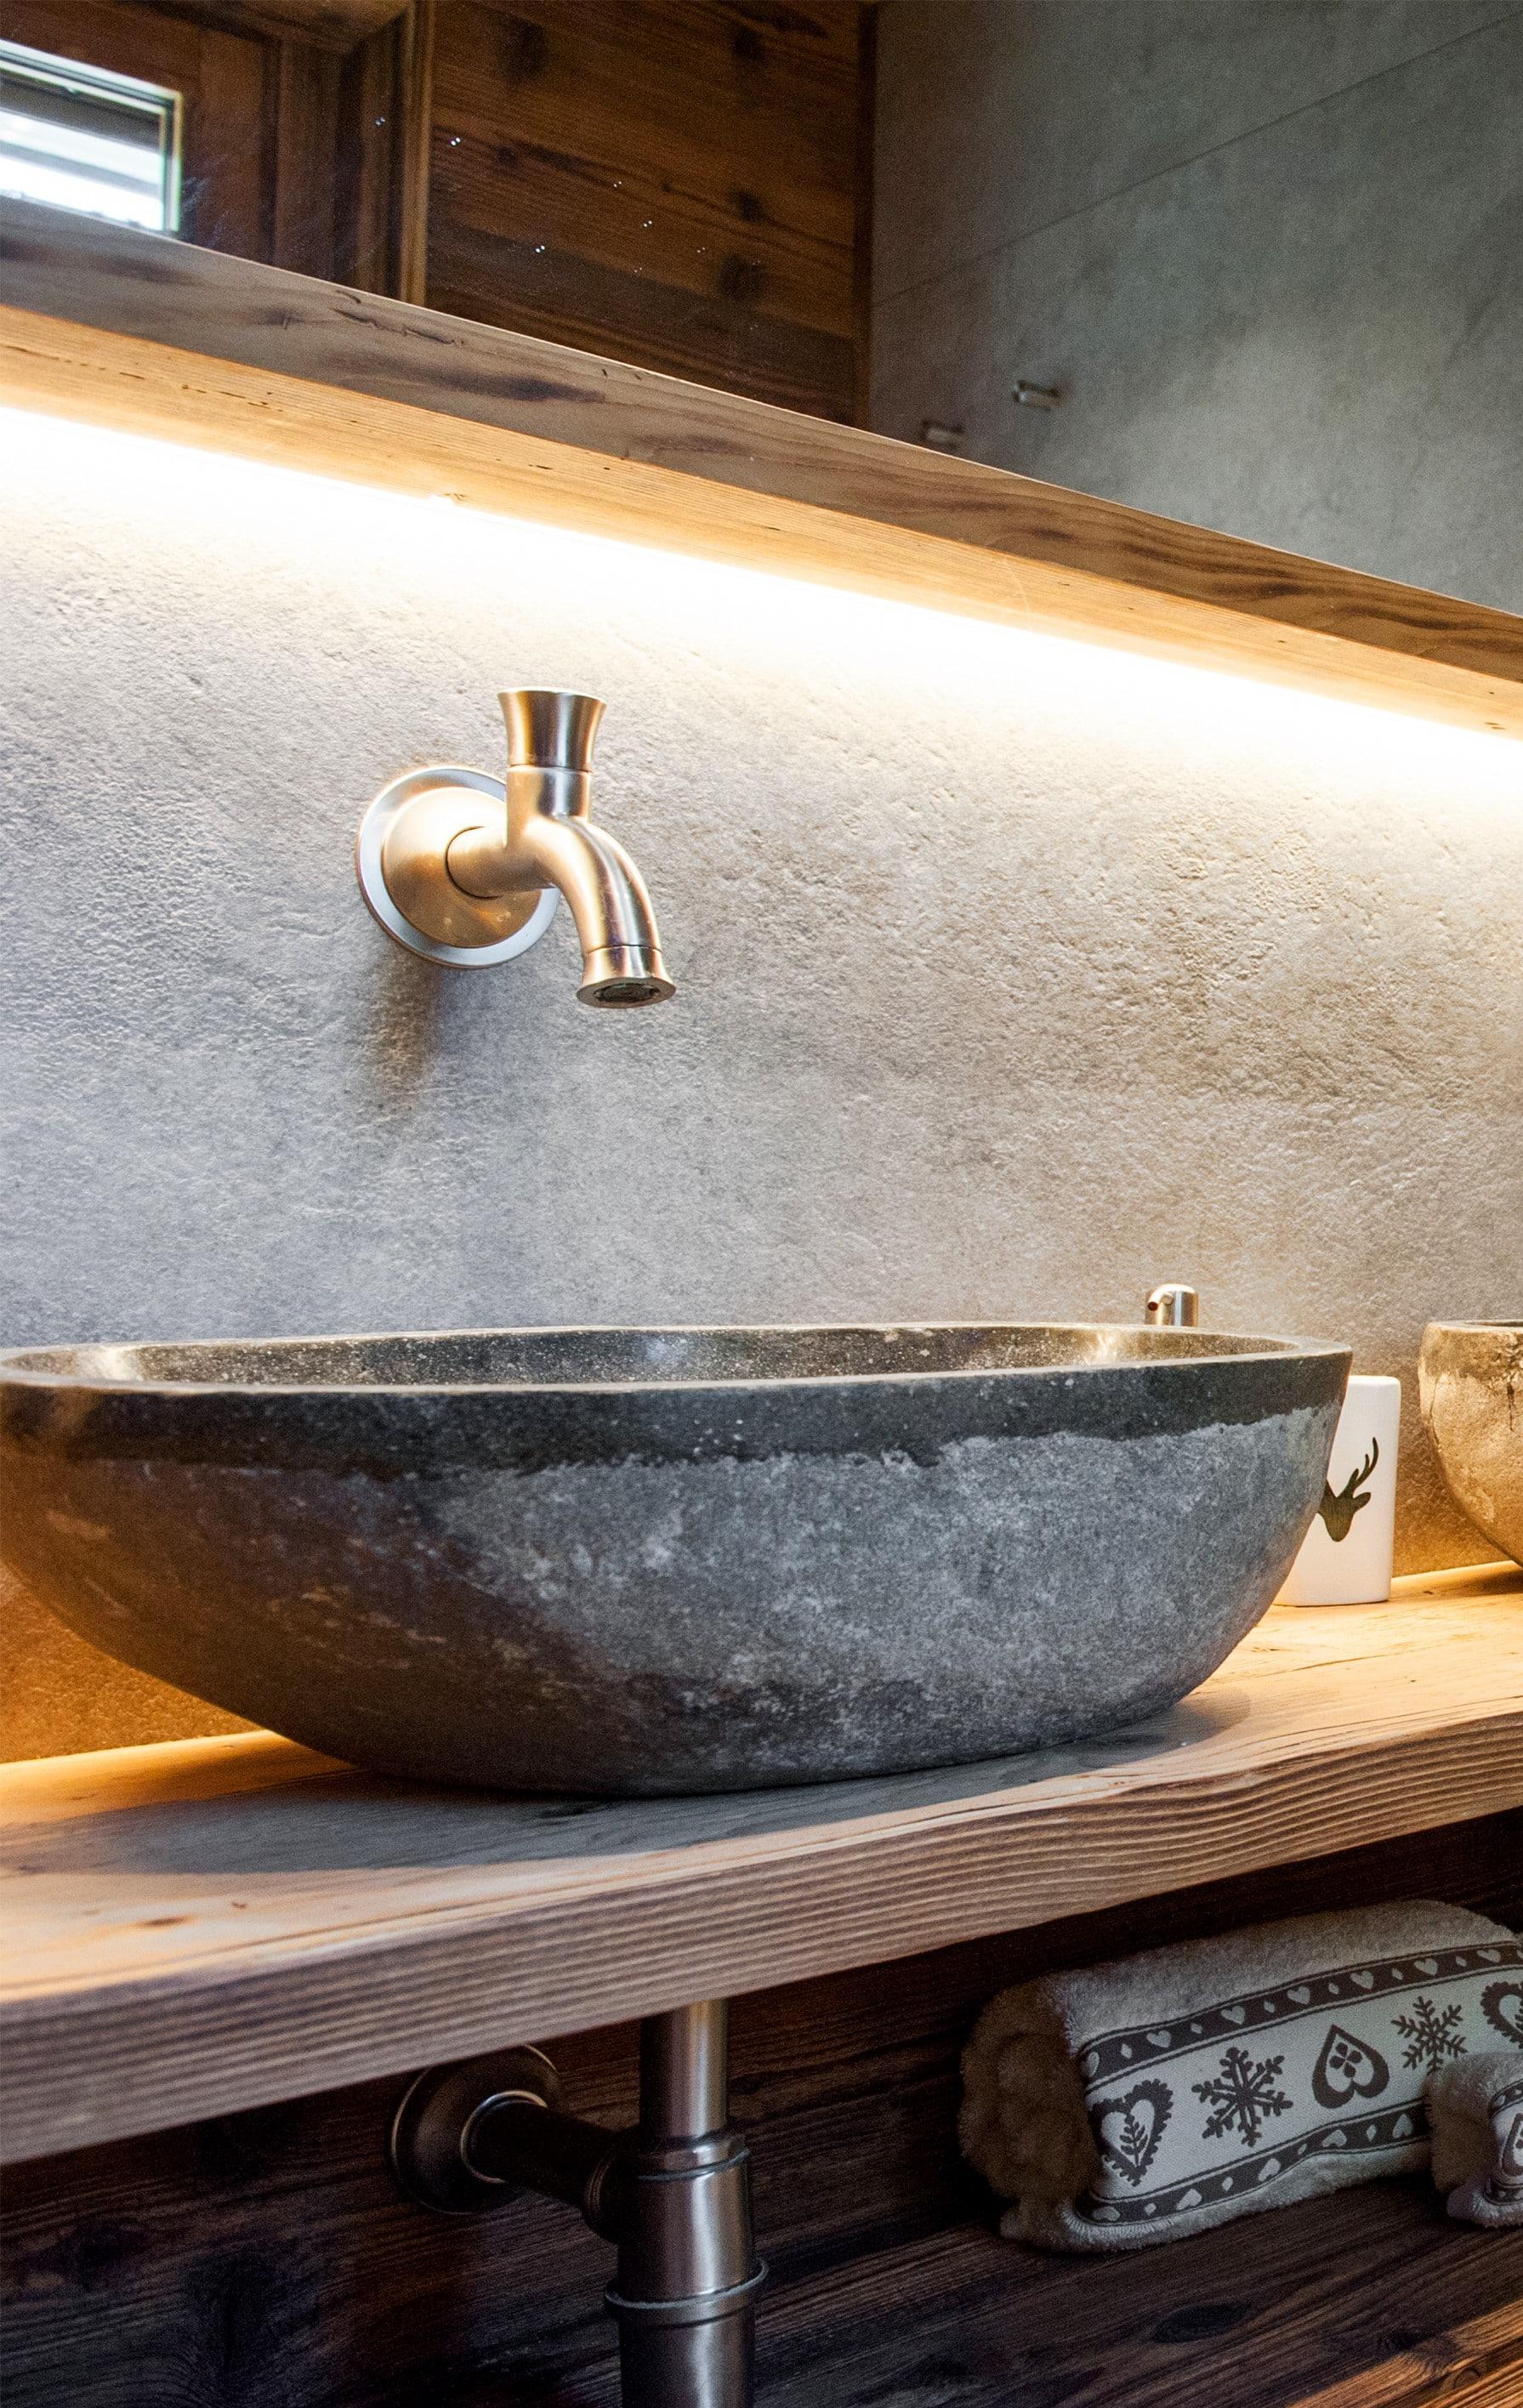 Lavandini Rustici In Pietra come scegliere l'arredamento rustico contemporaneo per una